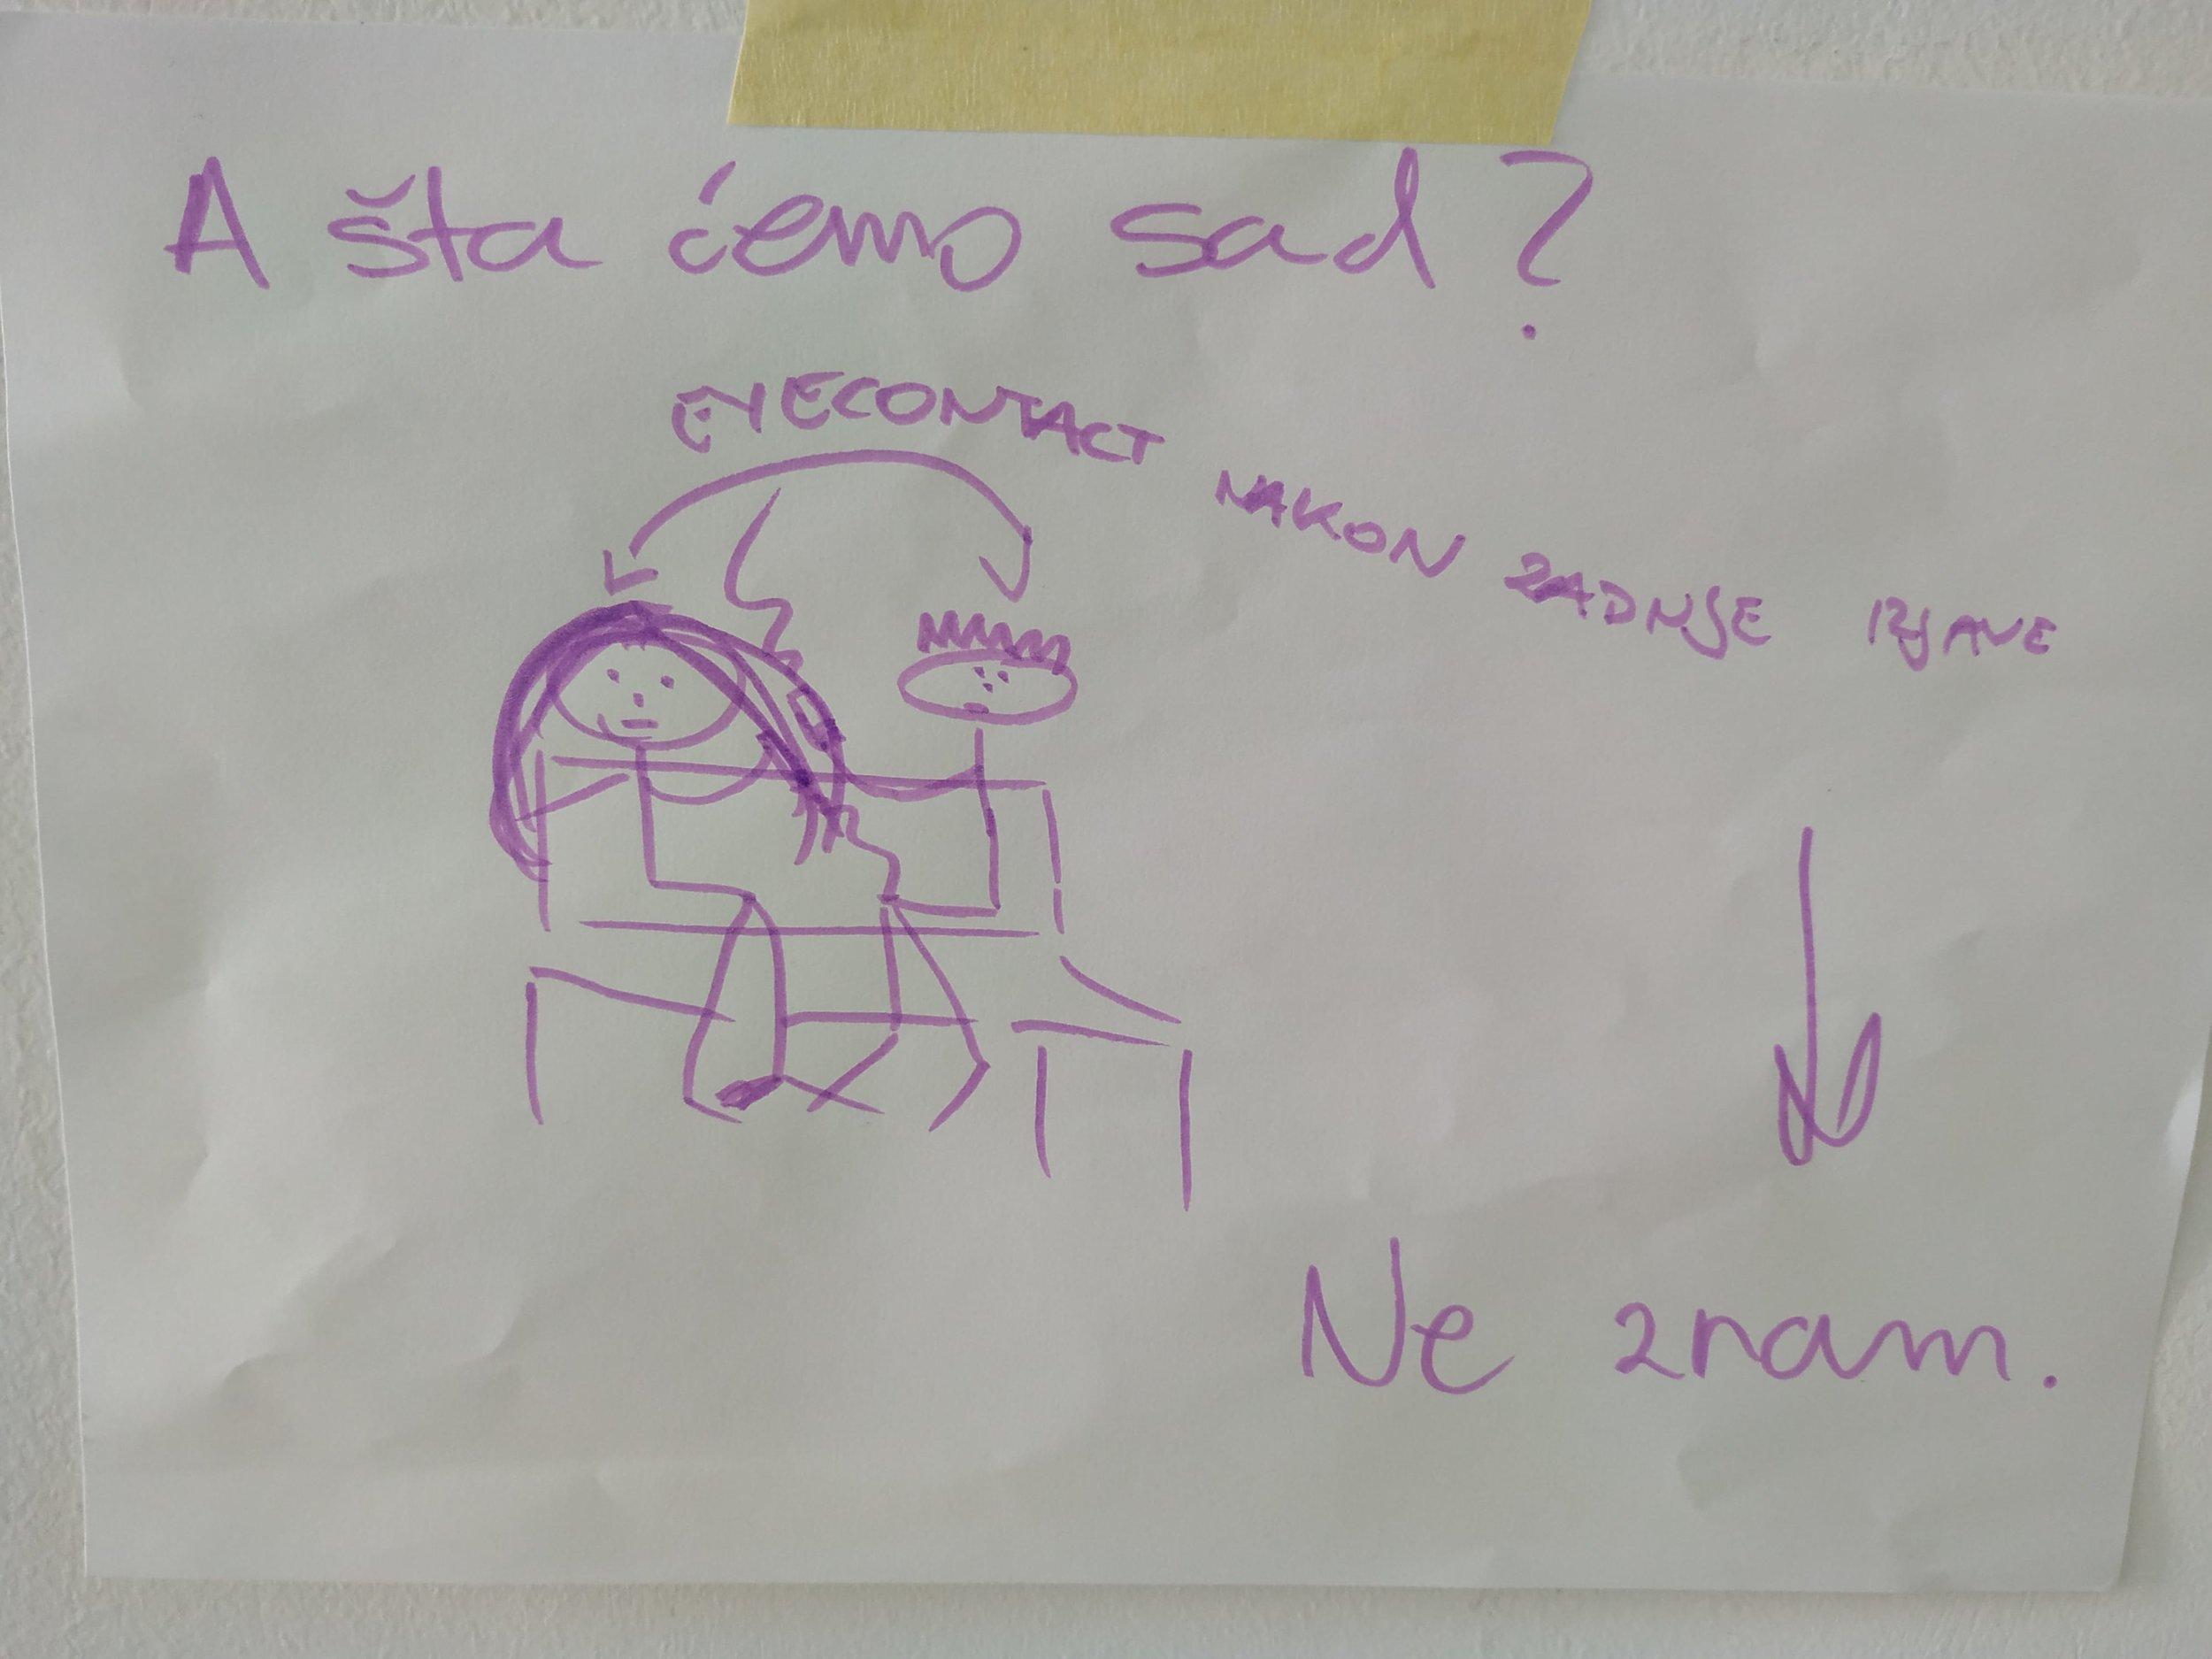 Stroyboard scenarija Take a risk Ariane Salkovic 4.jpg